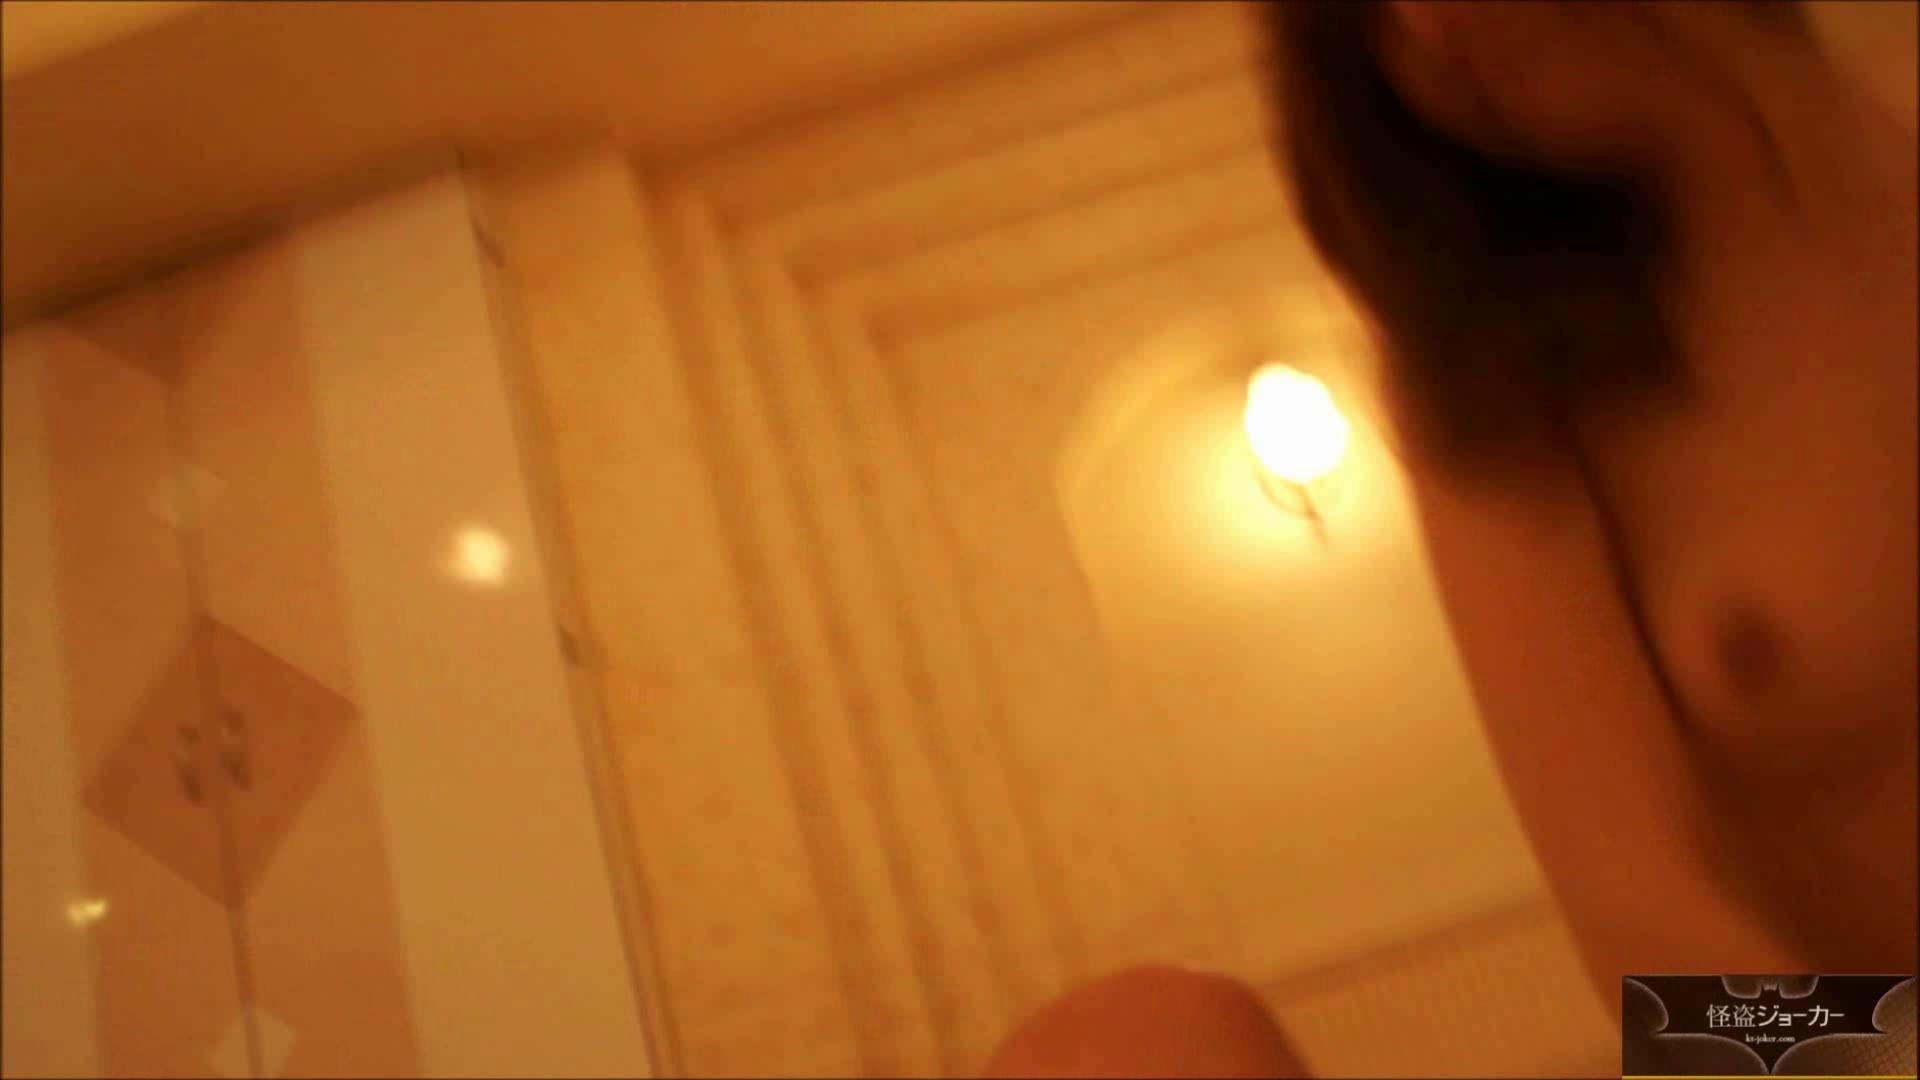 【未公開】vol.36 【援助】鏡越しの朋葉を見ながら・・・ ギャル  85PIX 13